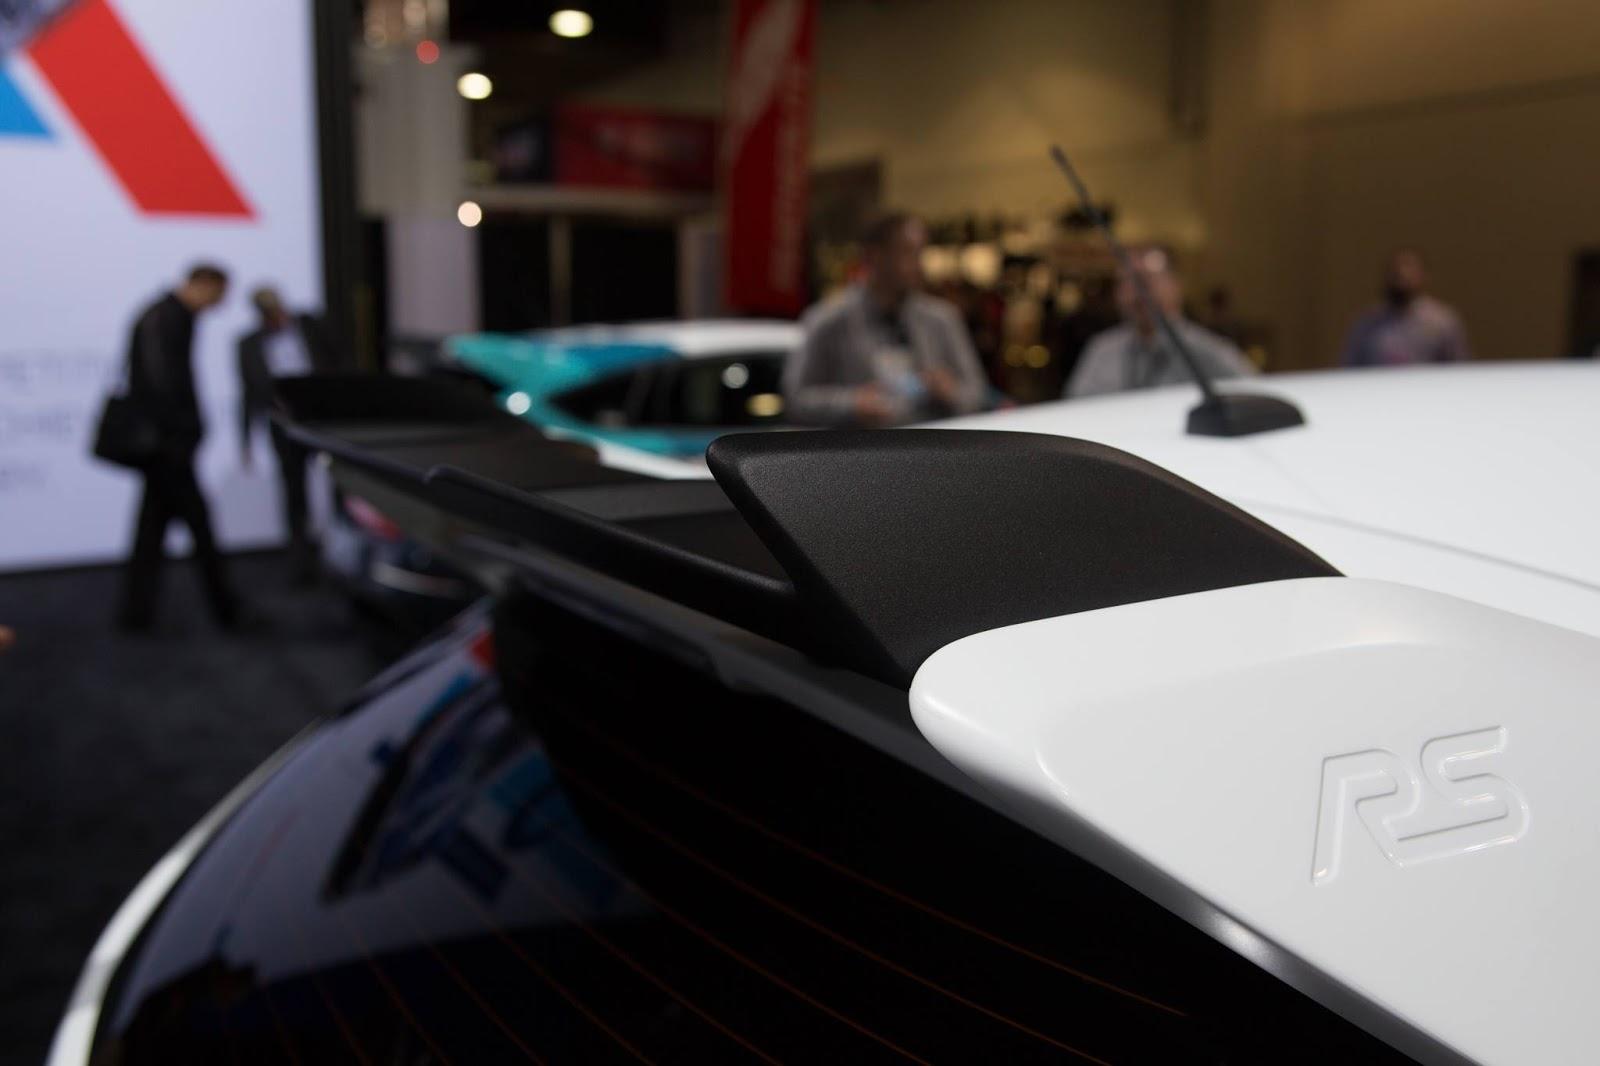 Ford Focus RS Roush Performance con 500 CV: Comienzan a llegar las preparaciones más extremas 4